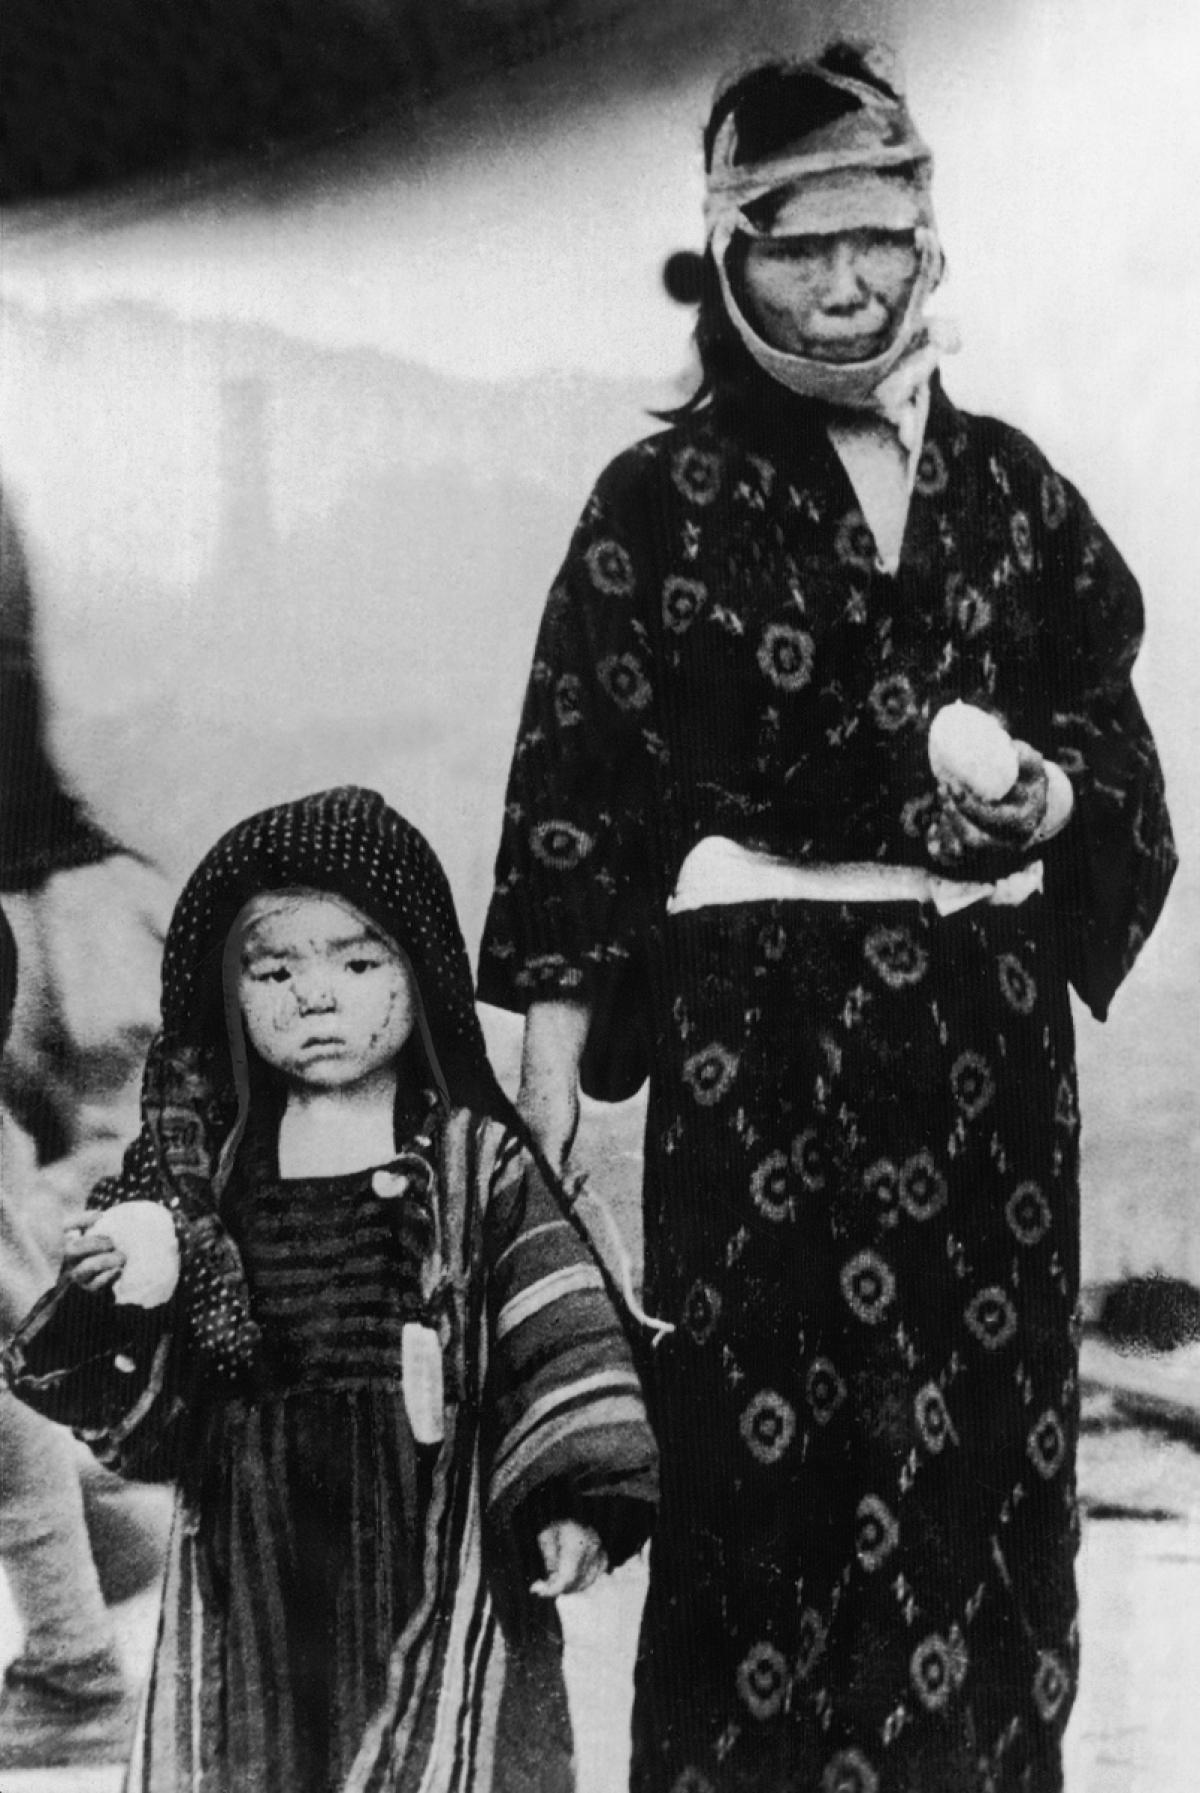 15atomic-bombing-hiroshima-nagasaki-69-years